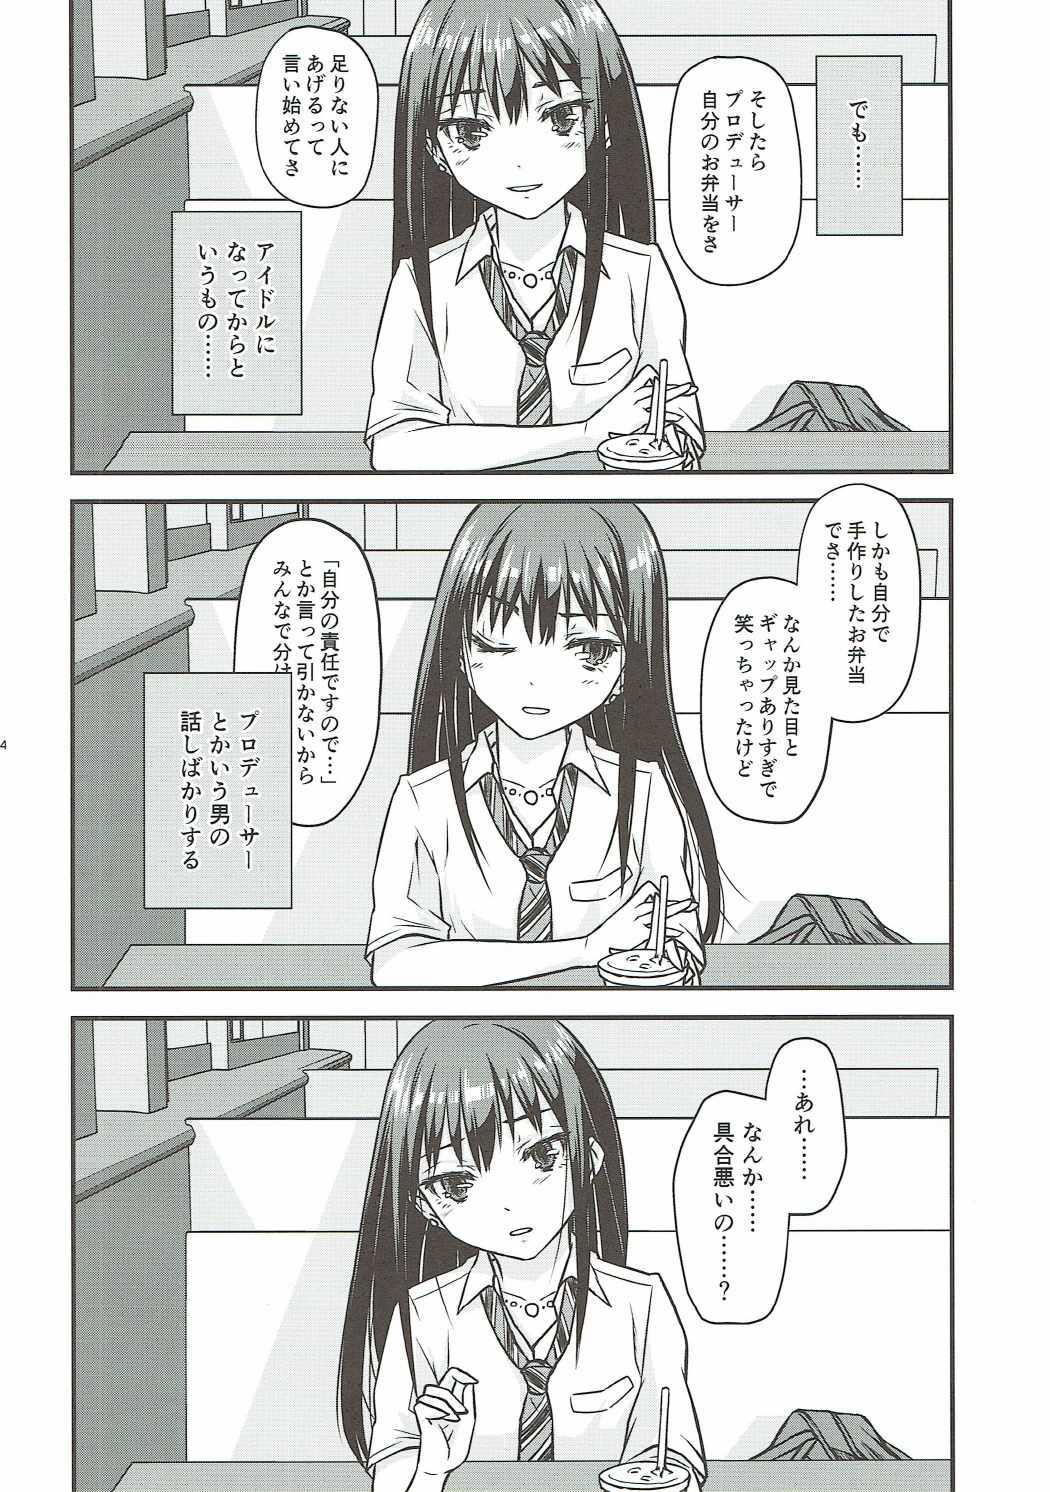 Boku no Kanojo no Shibuya Rin-san 4